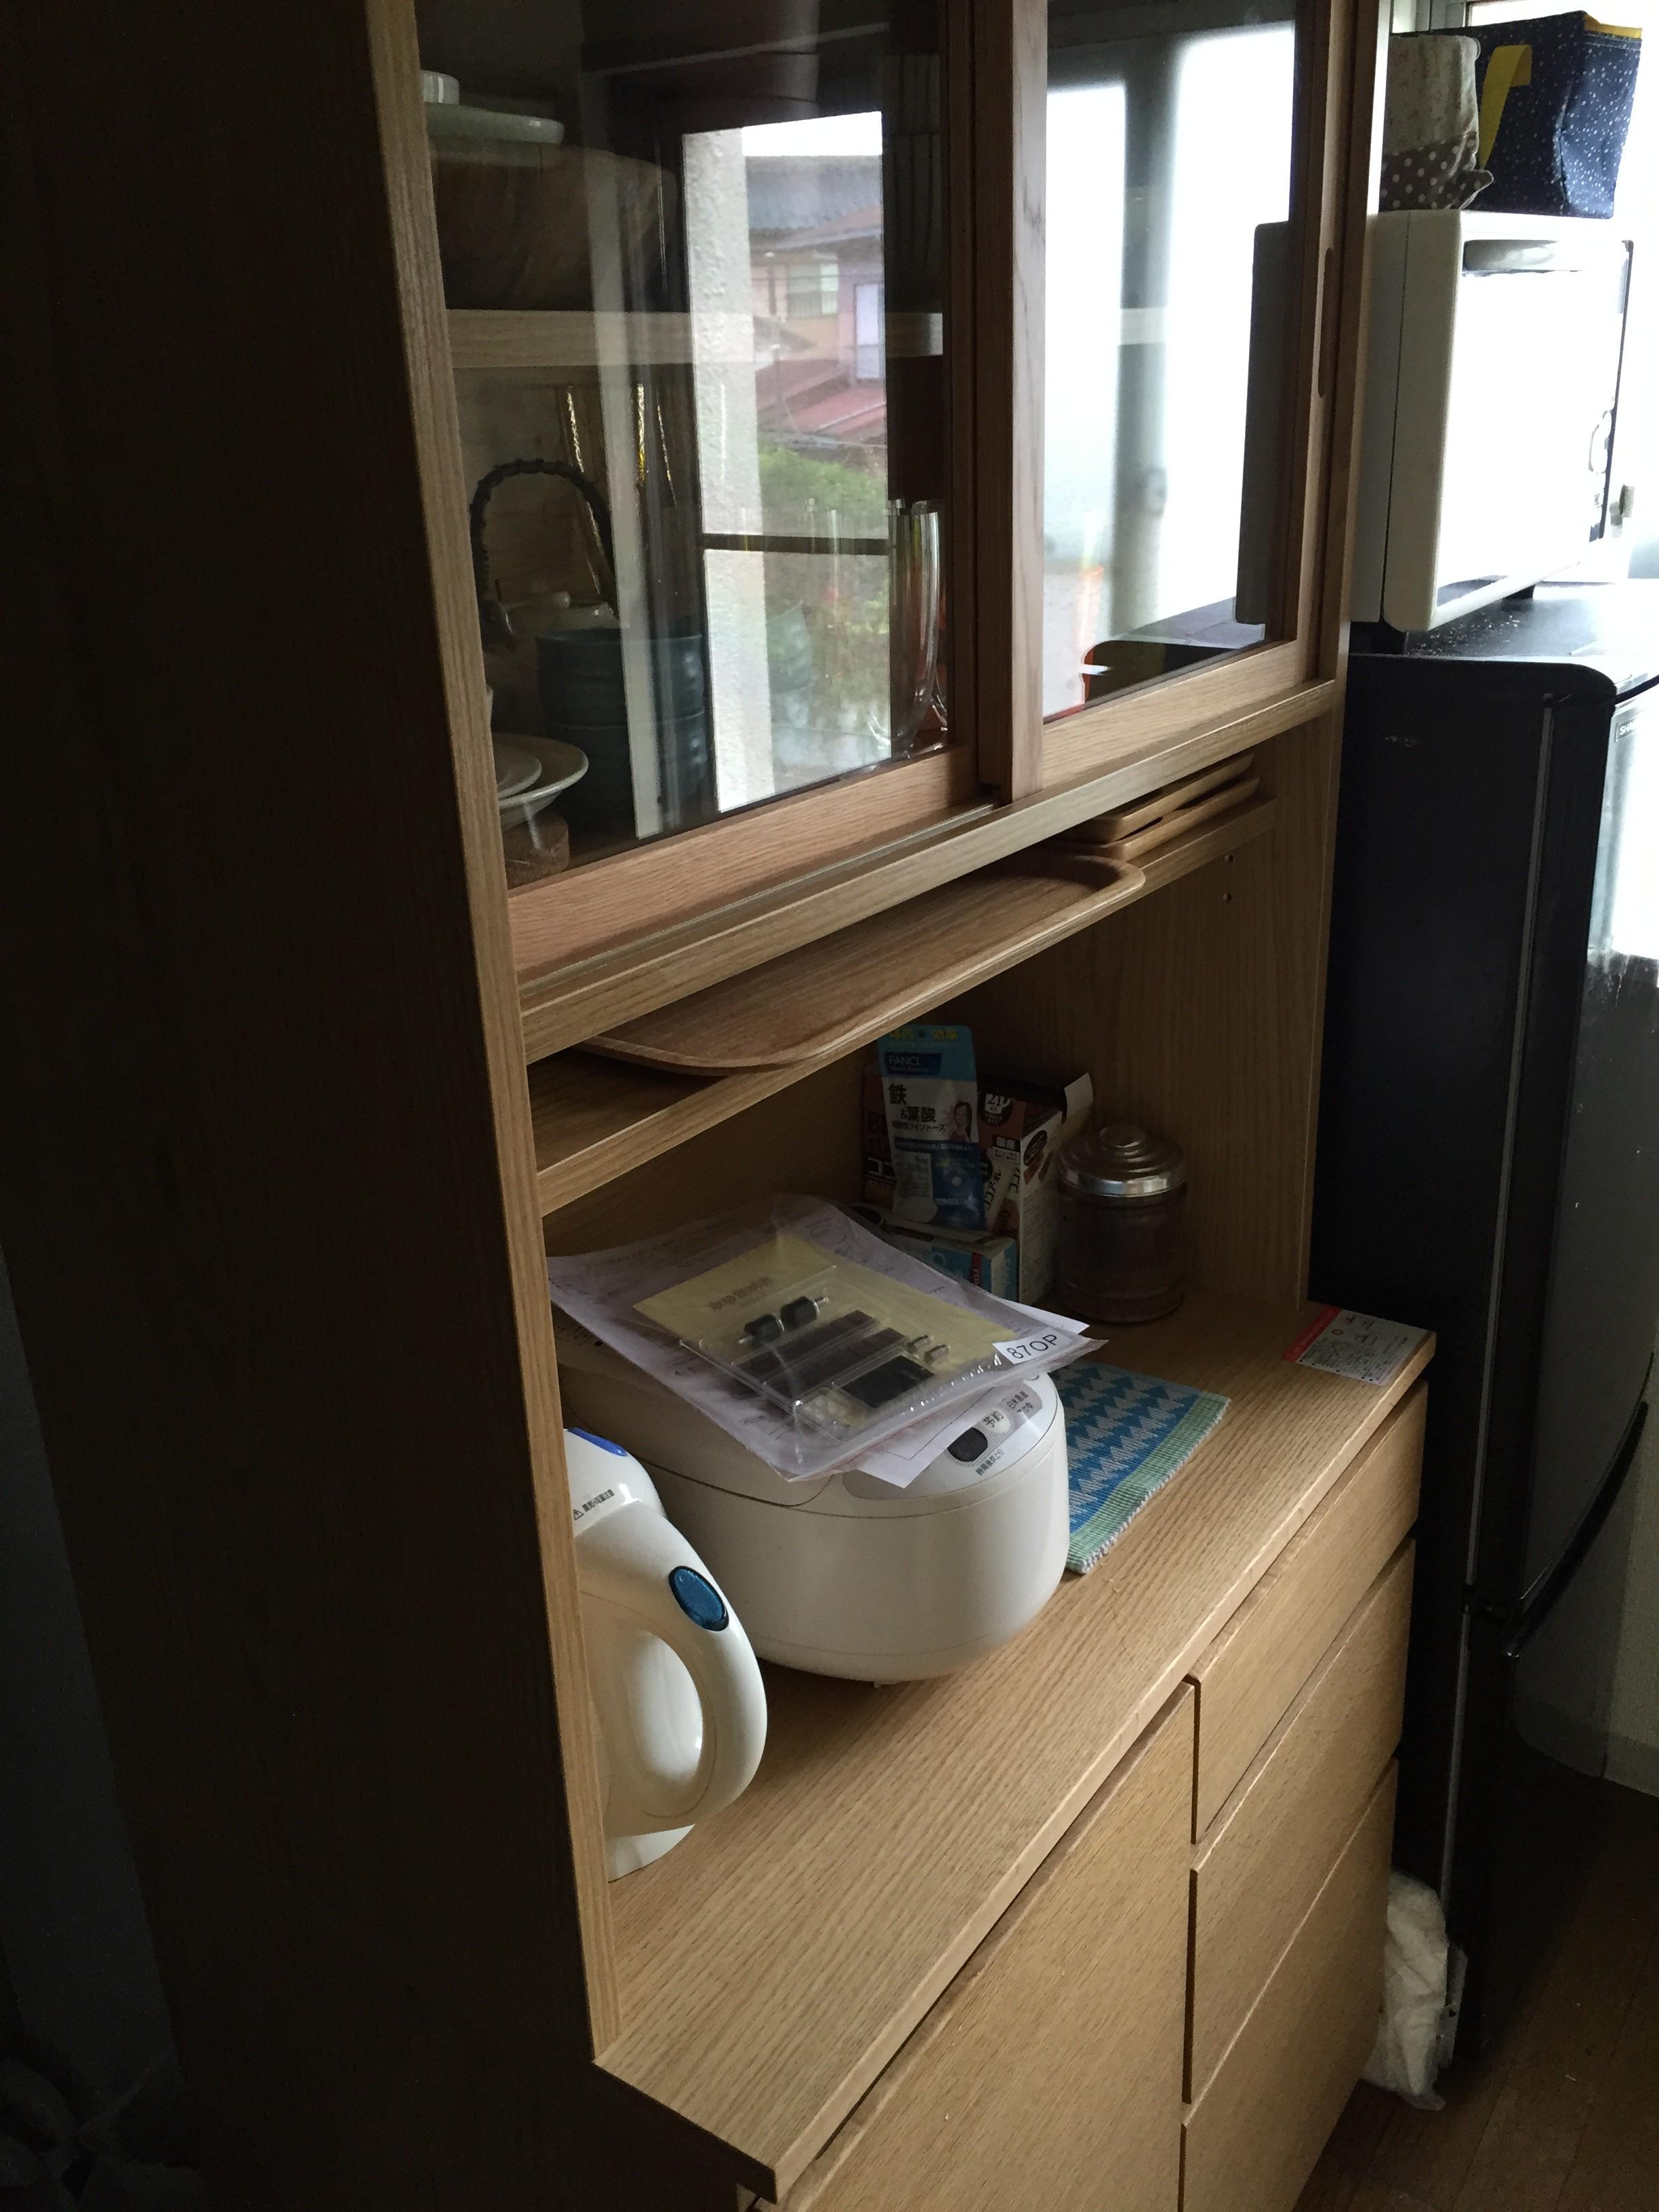 無印良品の食器棚は収納力抜群と評判. naosugさんの投稿. 31210907 796307710567973  8028179038918934528 n. 無印良品の食器棚 ...